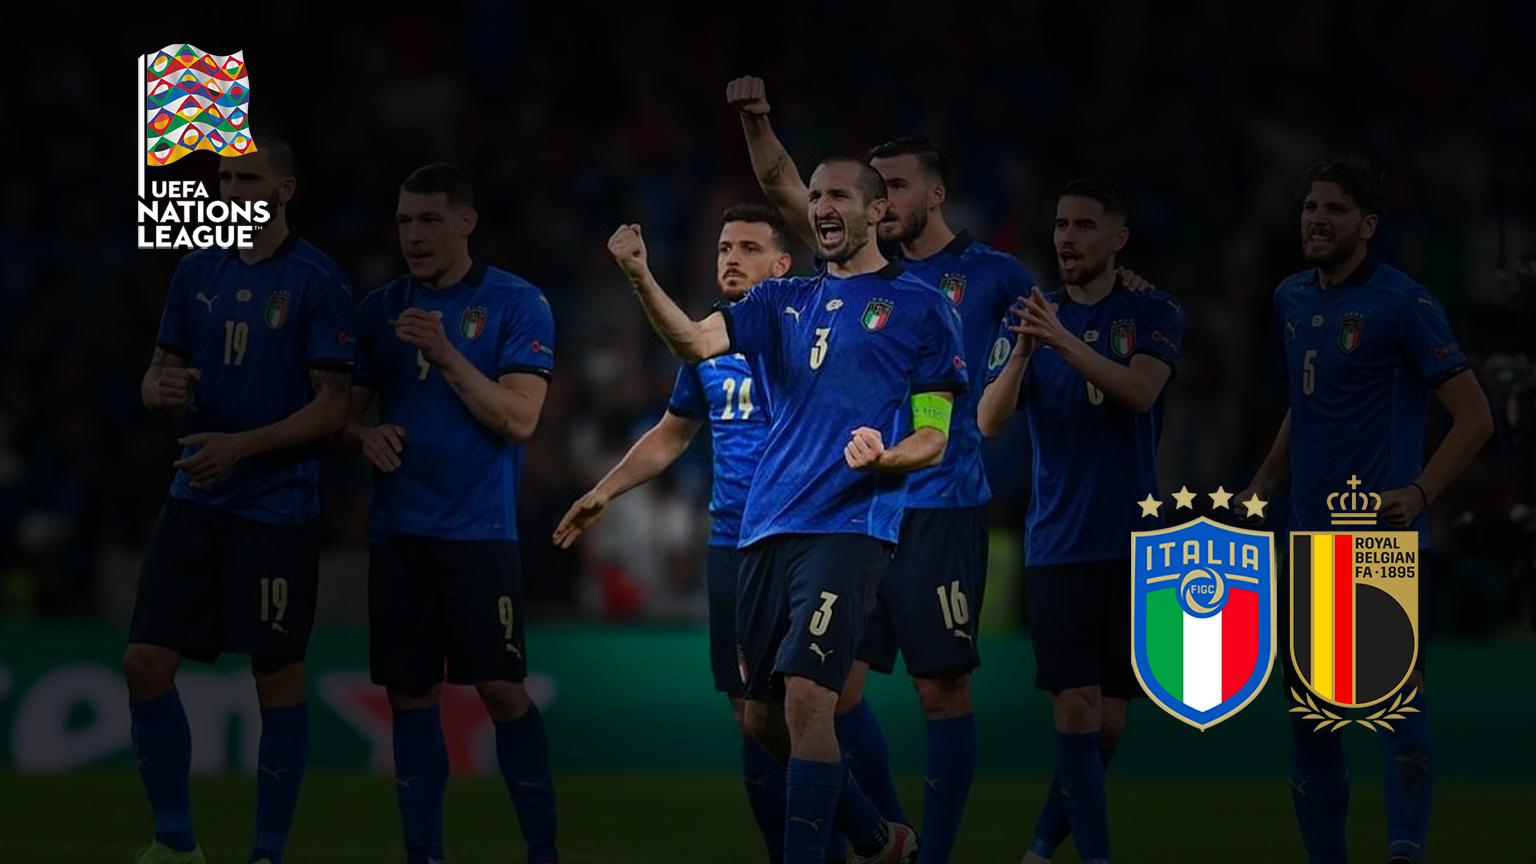 odds liga negara italia belgia tempat untuk melihat di tv prediksi formasi odds final 3 4 tempat taruhan olahraga pertandingan berikutnya italia hari ini tim nasional italia